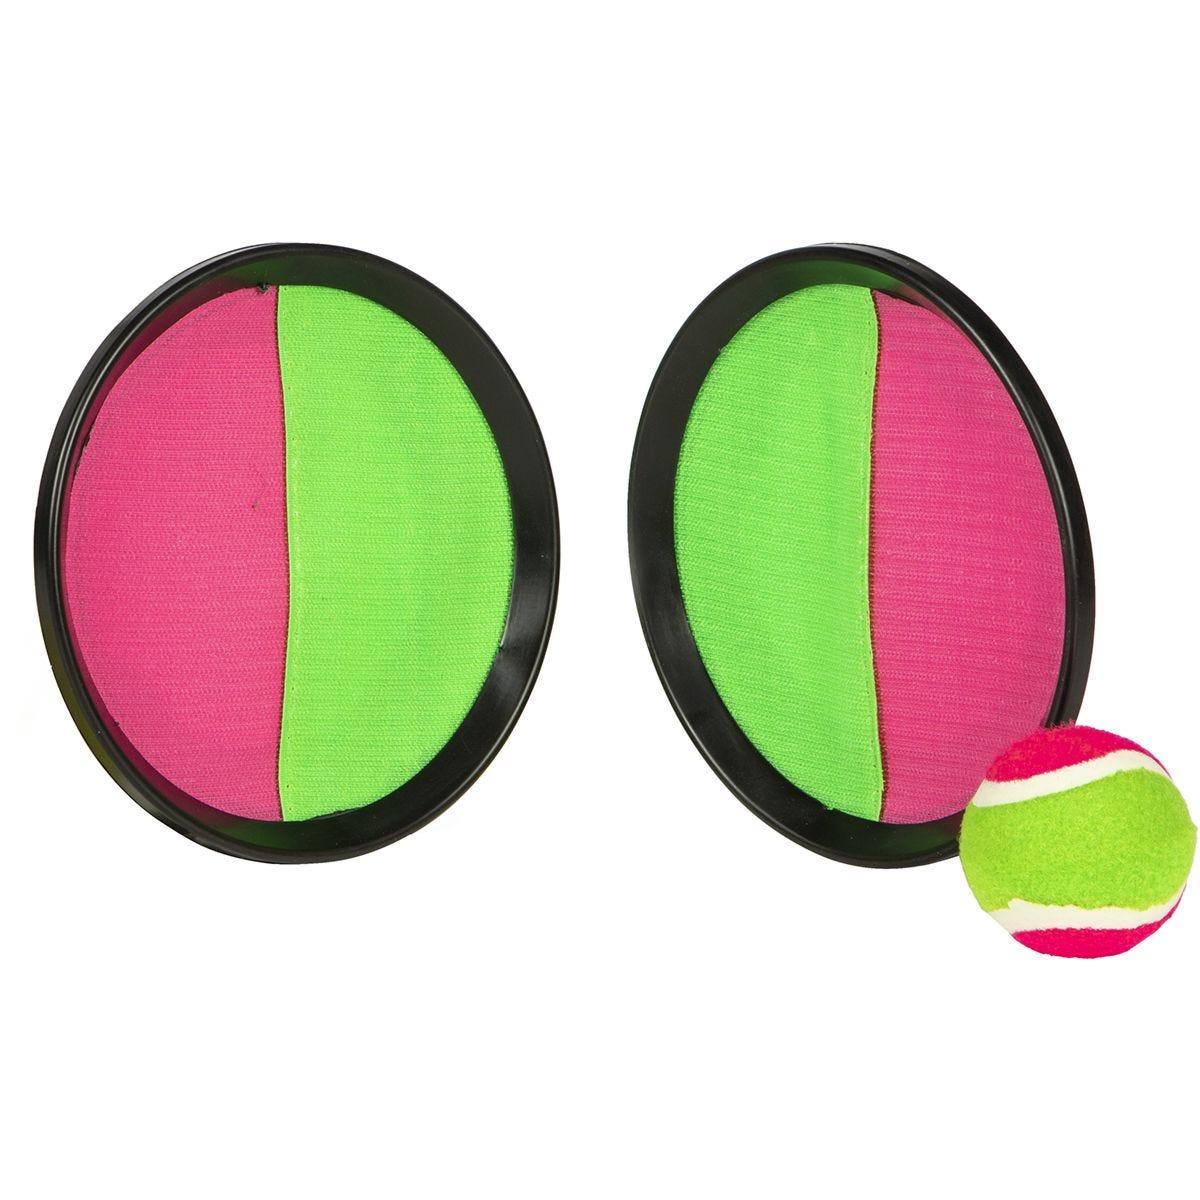 Velcro Tennis Ball Game